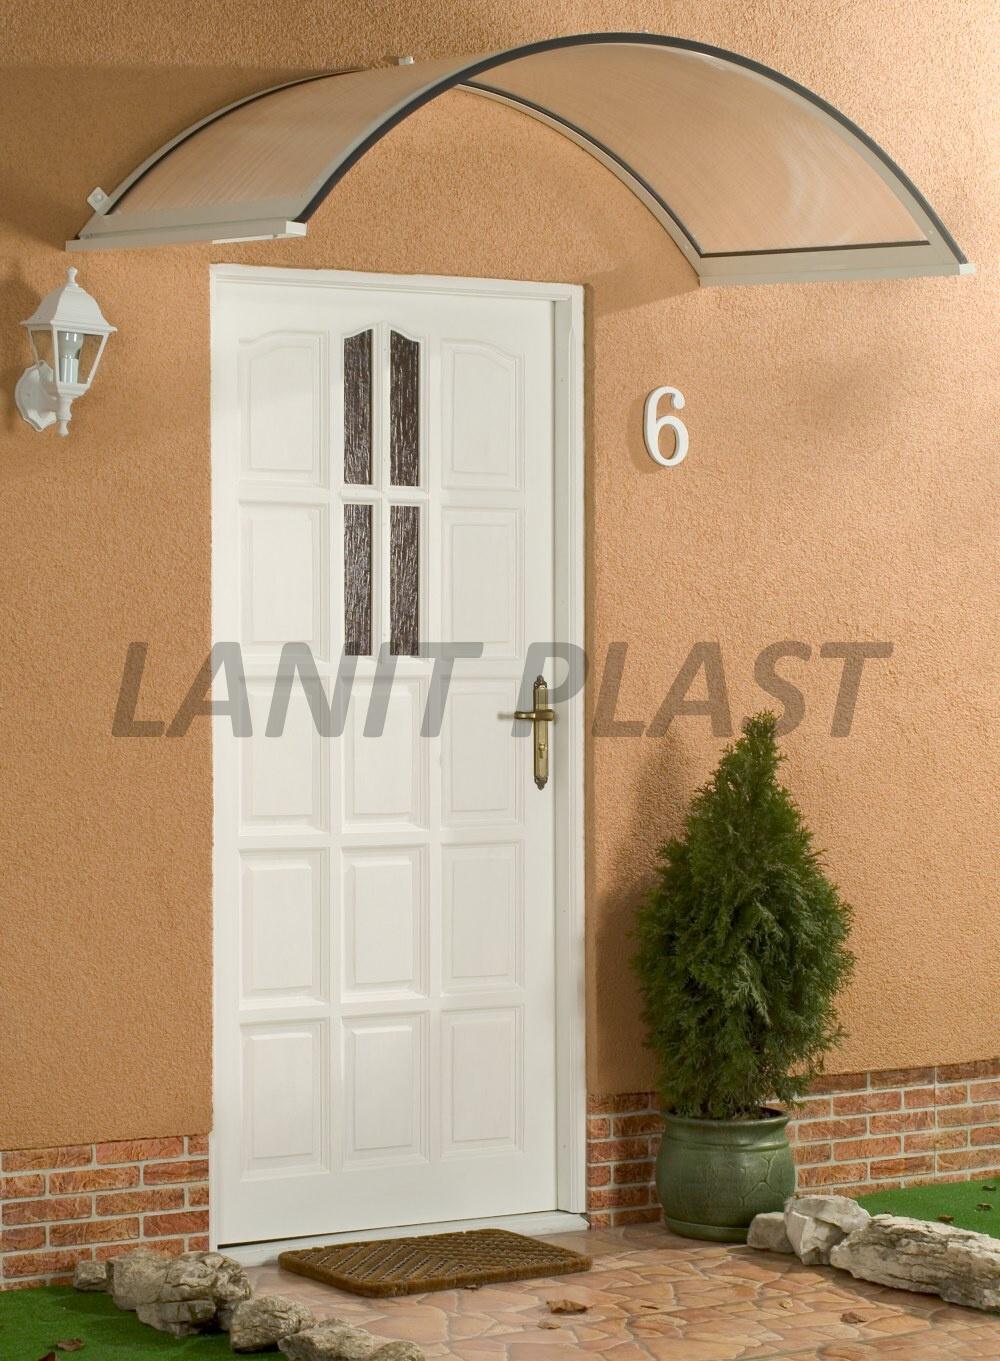 Vchodová stříška ONYX 160/75 bílá LANITPLAST